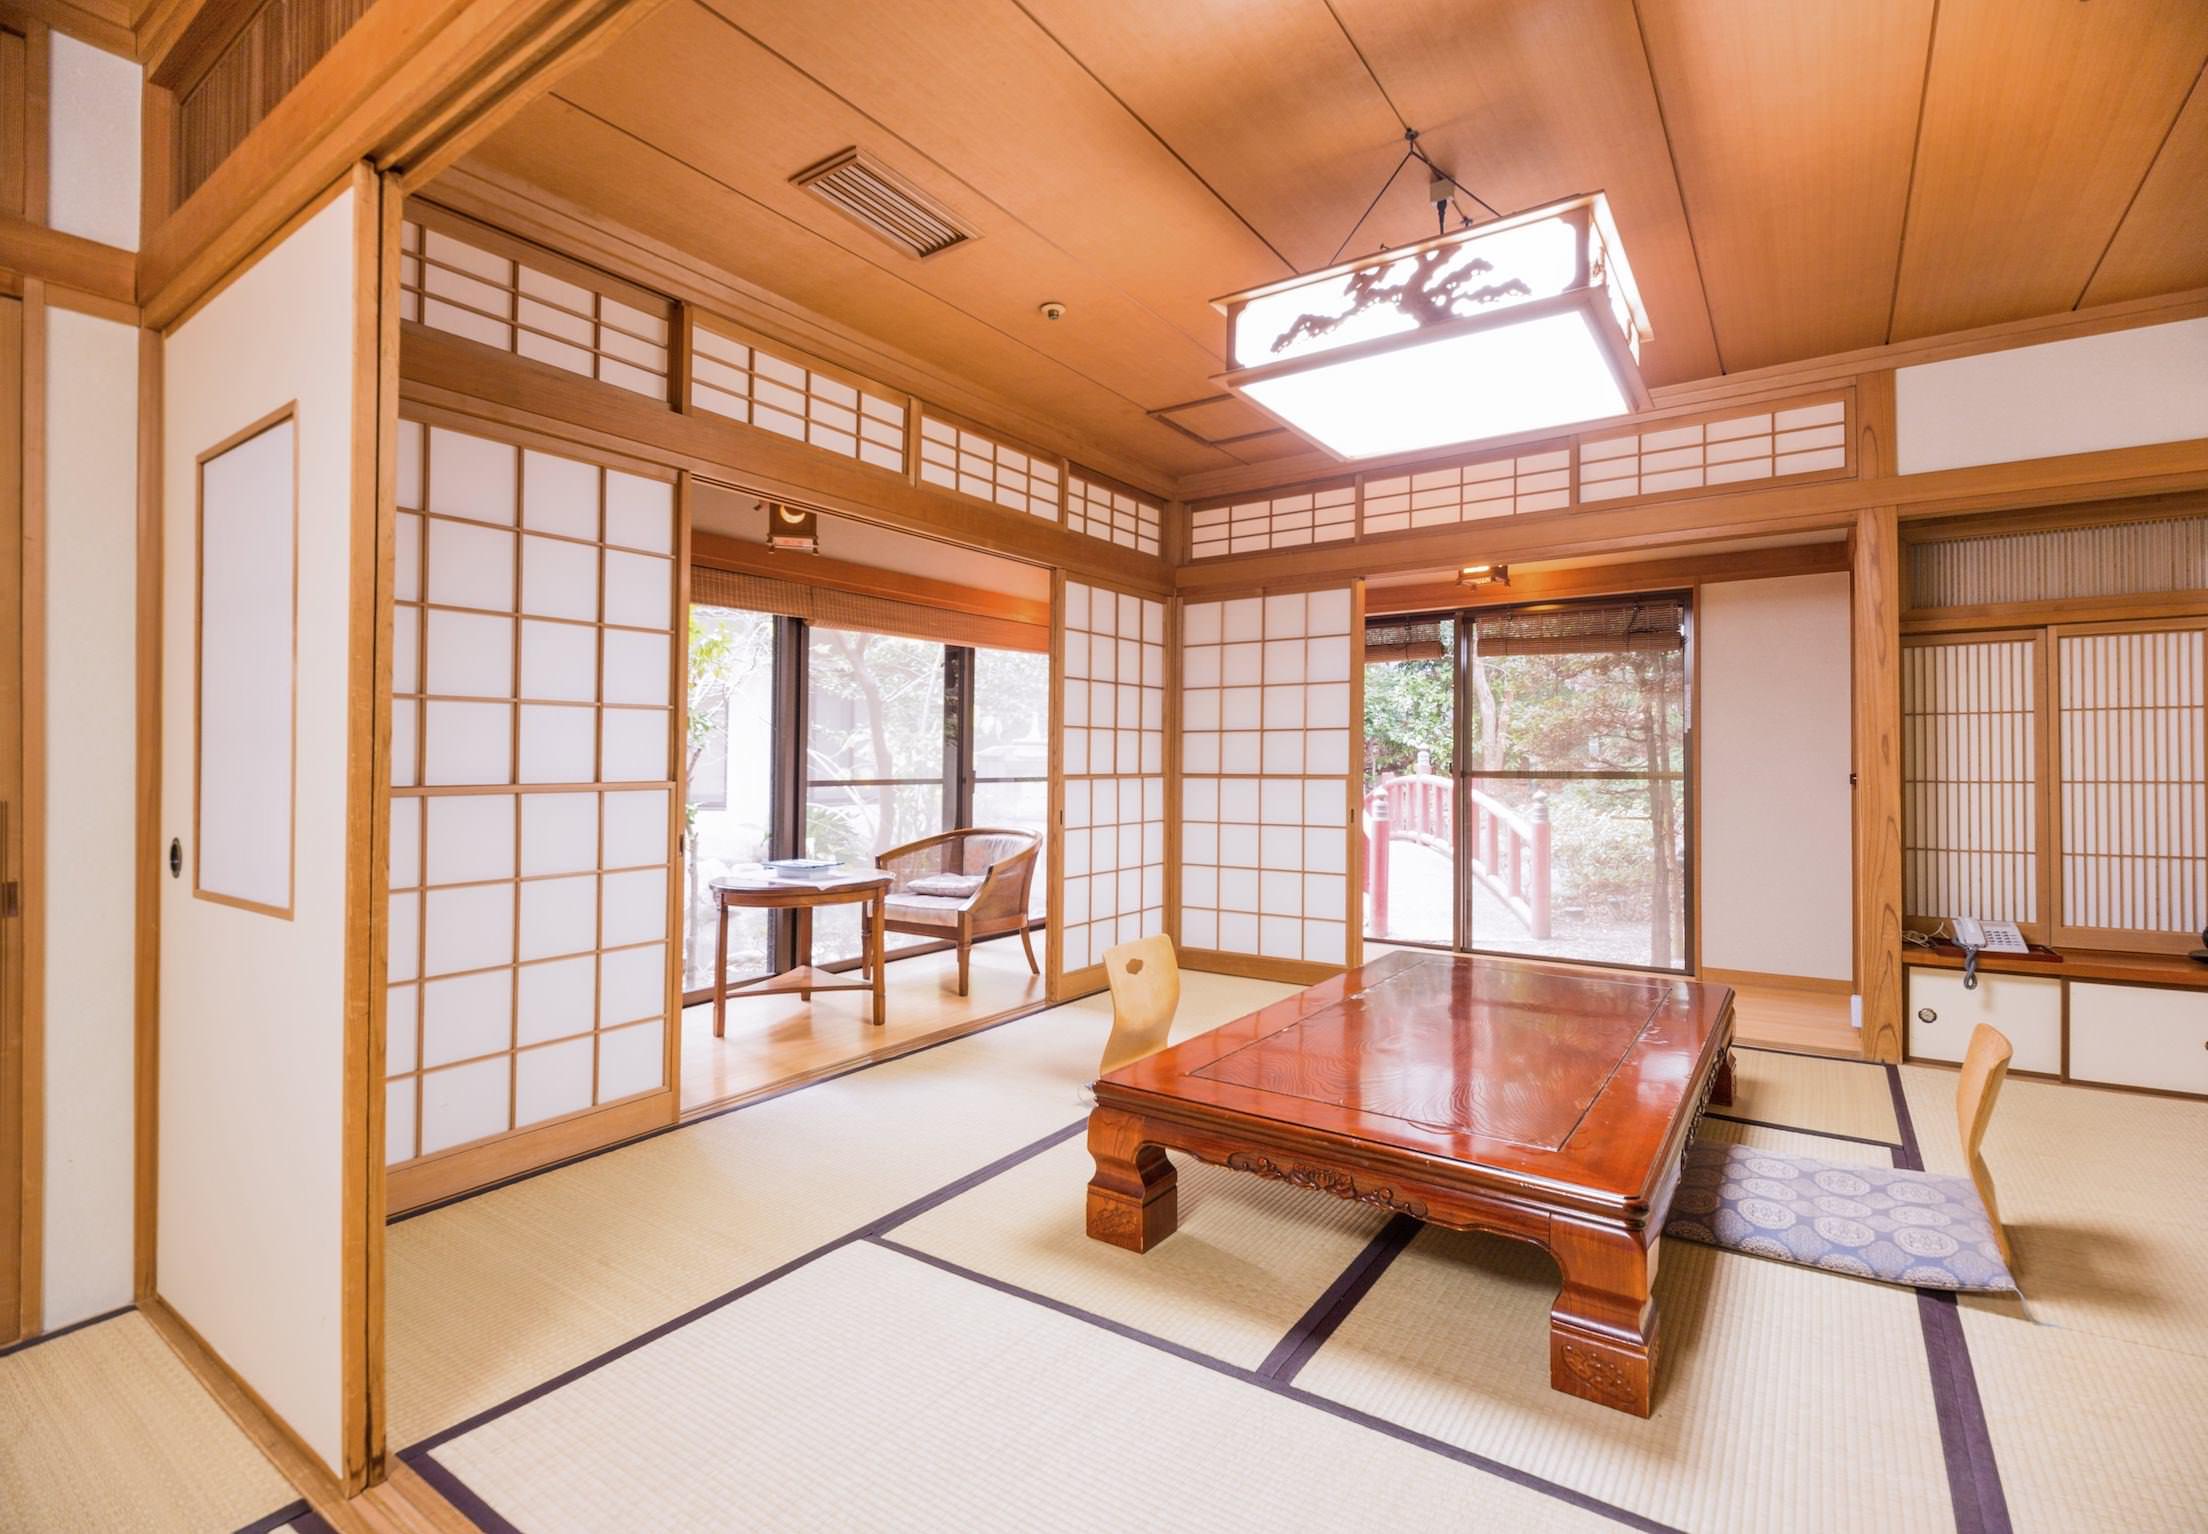 HOTEL86_kuturogeruwashitu20150124151633.jpg